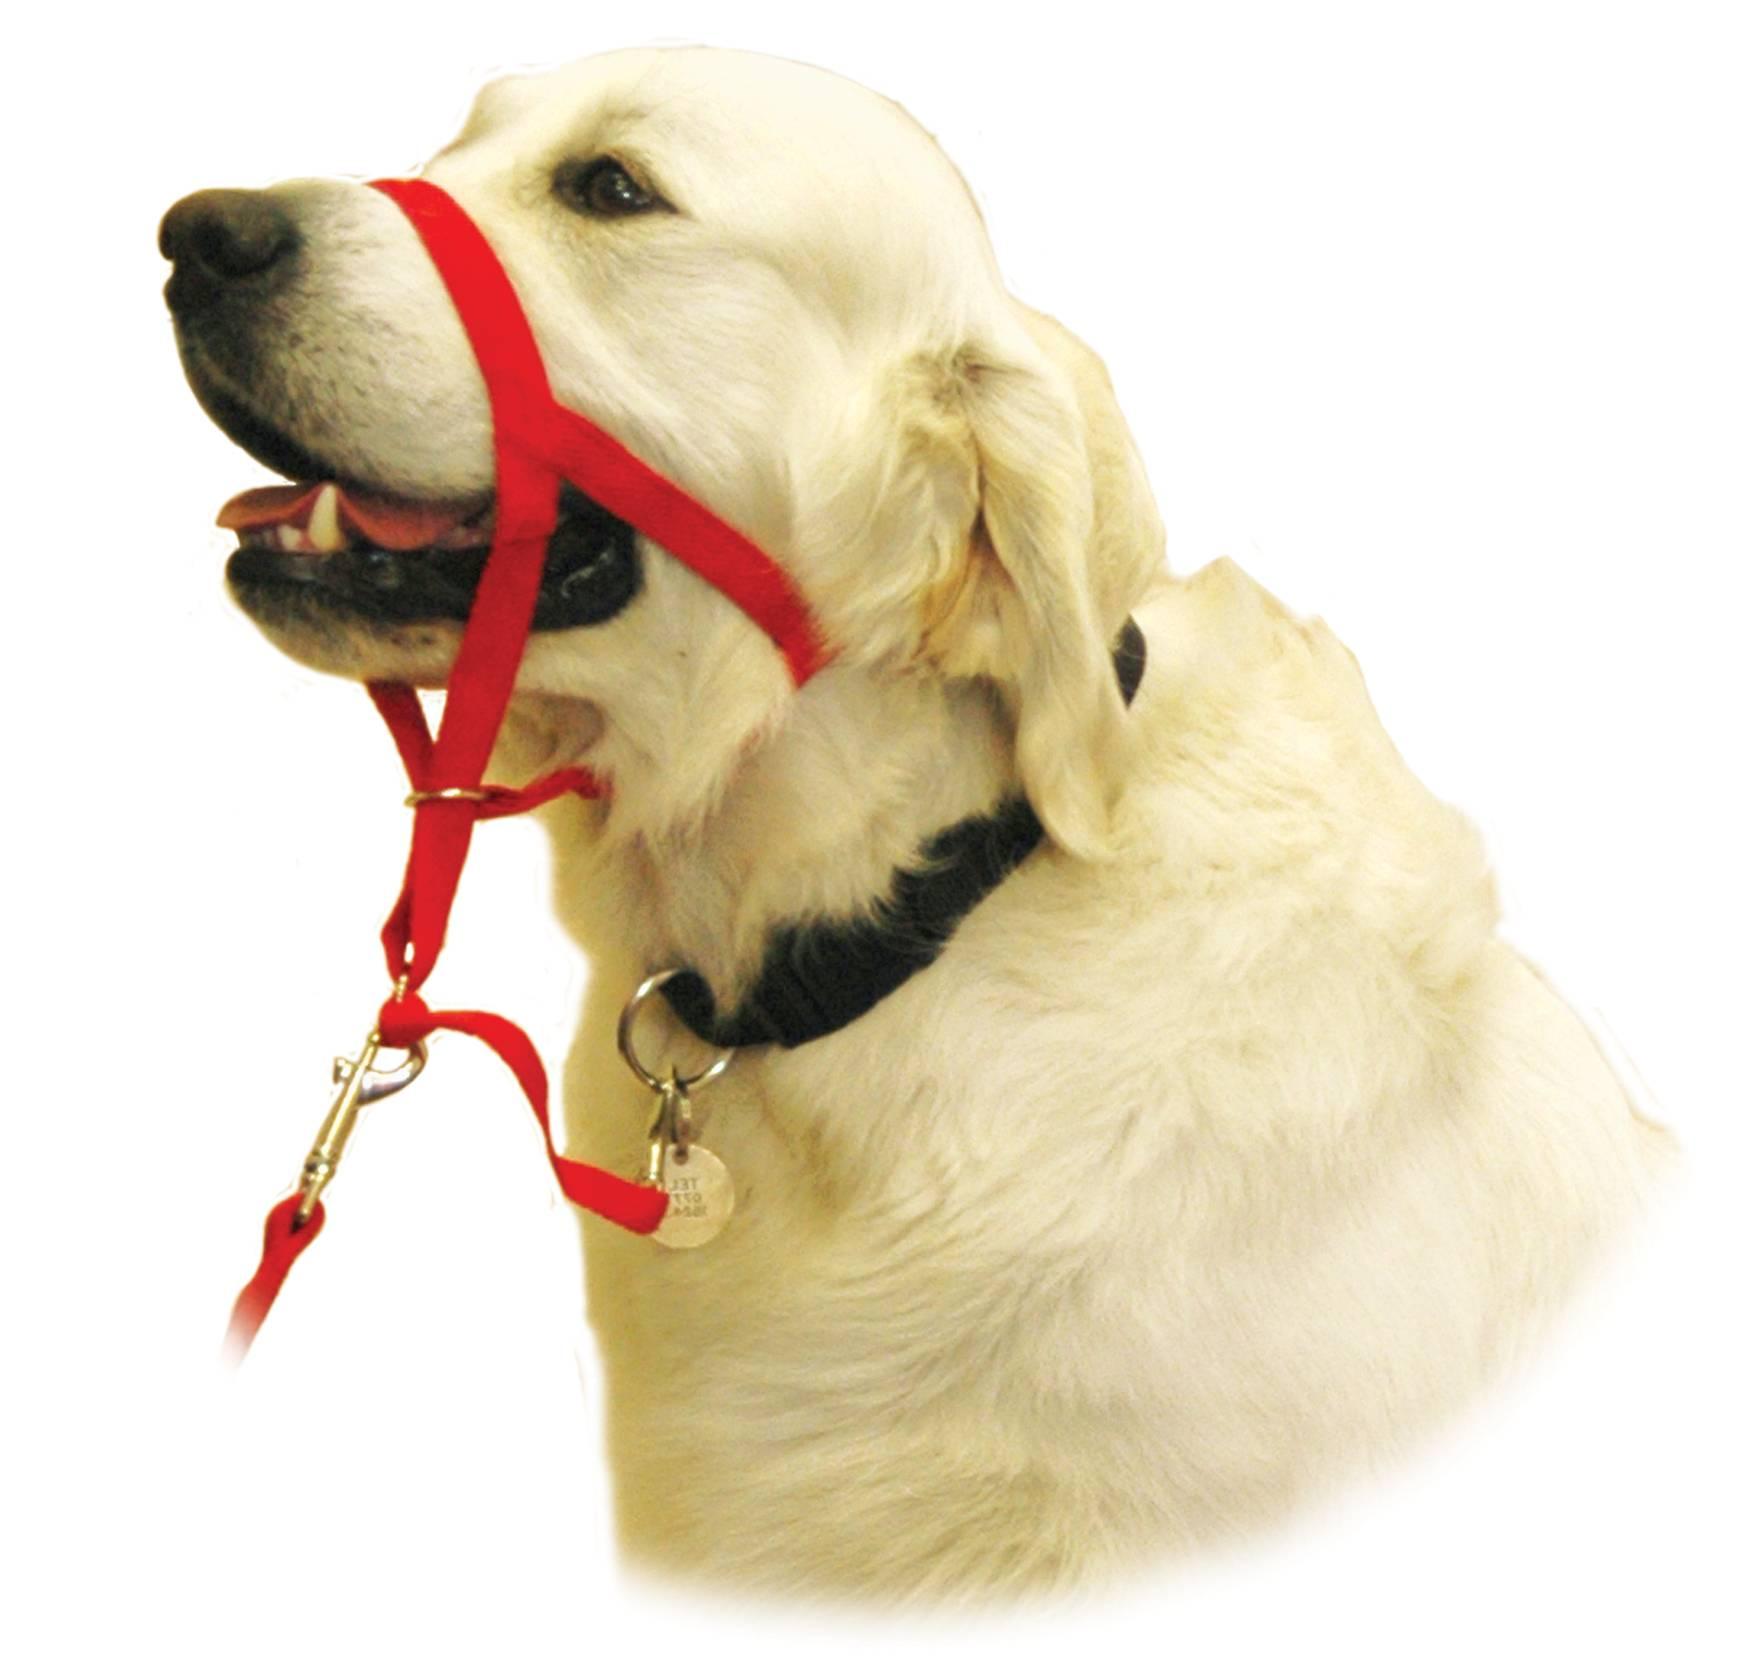 Халти: недоуздок собак как альтернатива наморднику и ошейнику, размеры и цены от halti, trixie